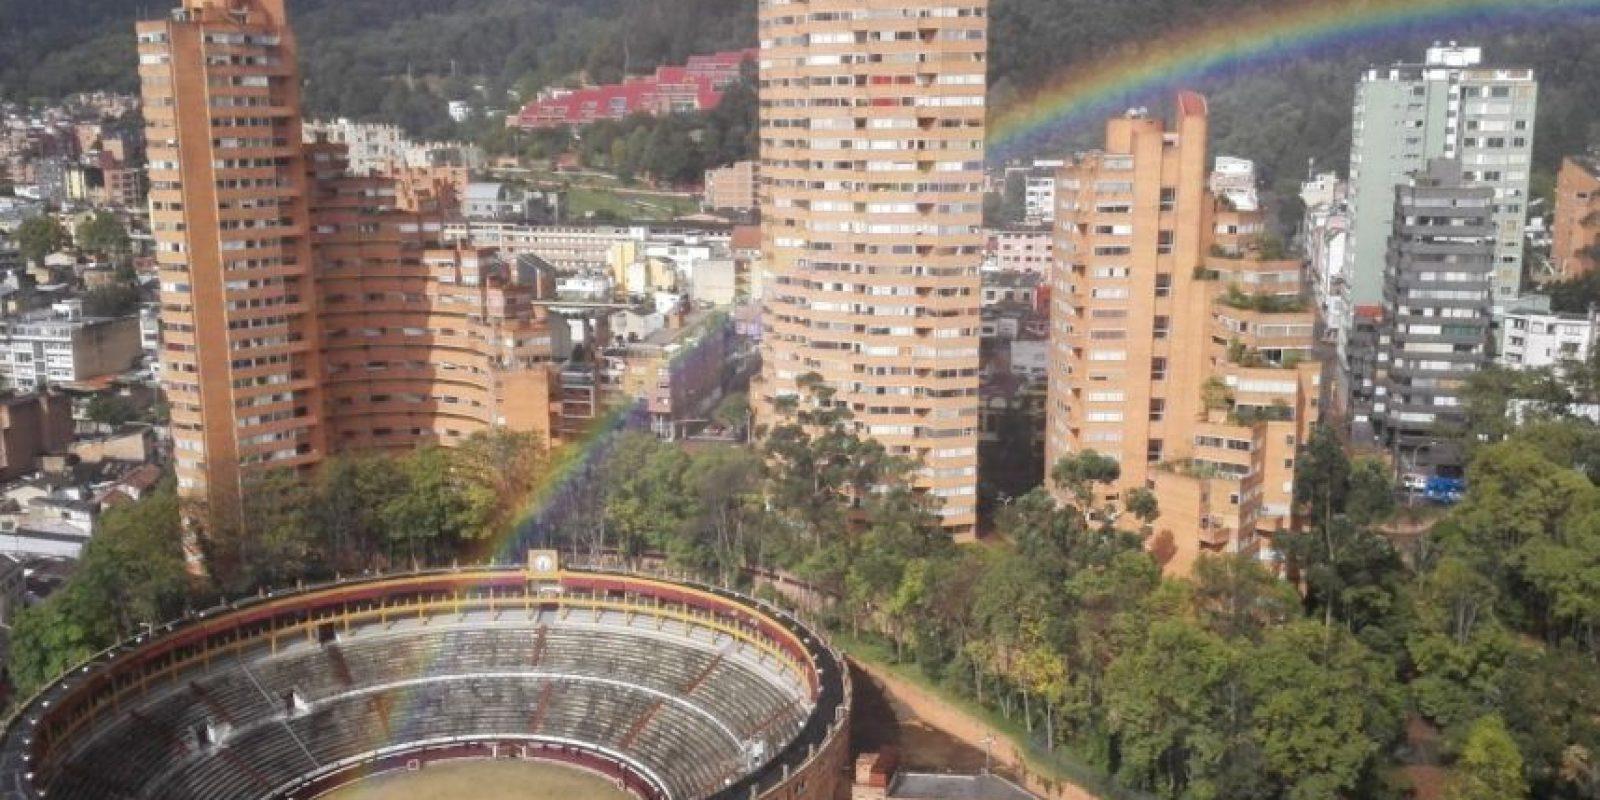 País: Colombia / Categoría: Alma de la Ciudad Foto:Carlos Quenguan